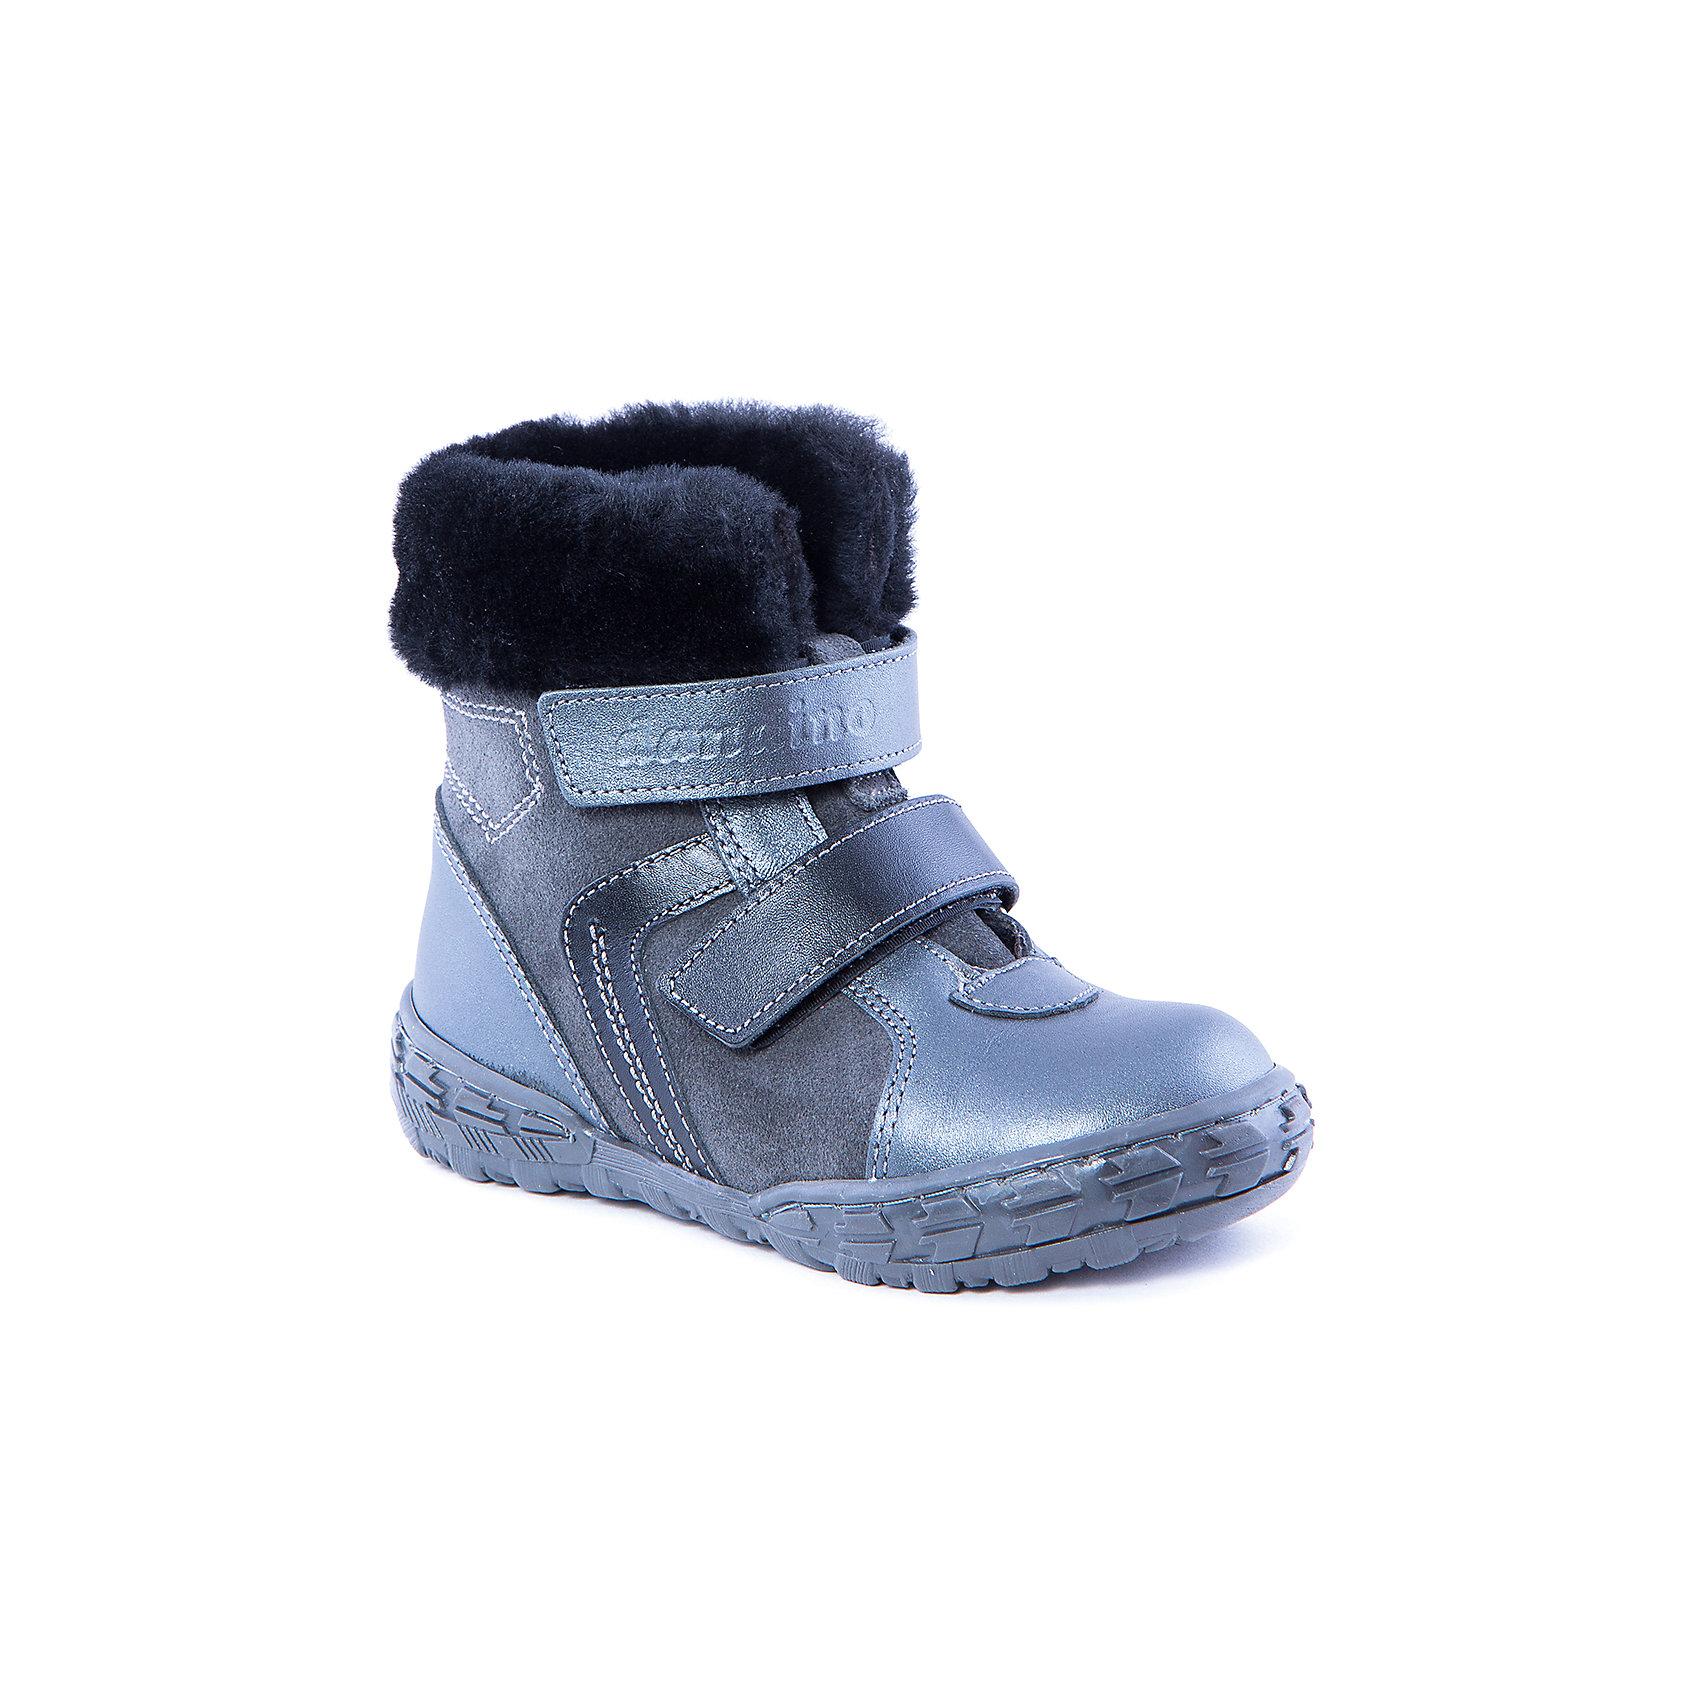 Полусапожки  для мальчика DandinoПолусапожки  для мальчика от известного российского бренда  Dandino<br><br>Модные полусапожки помогут детской стопе формироваться правильно. Компания Dandino использует при производстве своей ортопедической обуви подтвержденные технологии и качественные материалы. <br>Натуральная телячья кожа, которая применяется для изготовления ботинок и сапожек позволяет обеспечить комфорт и предотвратить натирание. Изделия легко надеваются и комфортно садятся по ноге.<br><br>Особенности модели: <br><br>- цвет - серый;<br>- меховая опушка;<br>- натуральный мех в качестве подкладки;<br>- верх – натуральная кожа;<br>- контрастная прошивка;<br>- комфортная колодка;<br>- жесткий задник;<br>- защита пальцев;<br>- амортизирующая устойчивая подошва;<br>- застежки - две липучки.<br><br>Дополнительная информация:<br><br>Температурный режим: <br><br>от -25° С до -0° С<br><br>Состав:<br><br>верх – натуральная кожа;<br>подкладка - натуральный мех;<br>подошва - ТЭП.<br><br>Полусапожки для мальчика от бренда Dandino (Дандино) можно купить в нашем магазине.<br><br>Ширина мм: 257<br>Глубина мм: 180<br>Высота мм: 130<br>Вес г: 420<br>Цвет: серый<br>Возраст от месяцев: 36<br>Возраст до месяцев: 48<br>Пол: Мужской<br>Возраст: Детский<br>Размер: 27,26,28,30,29<br>SKU: 4339280